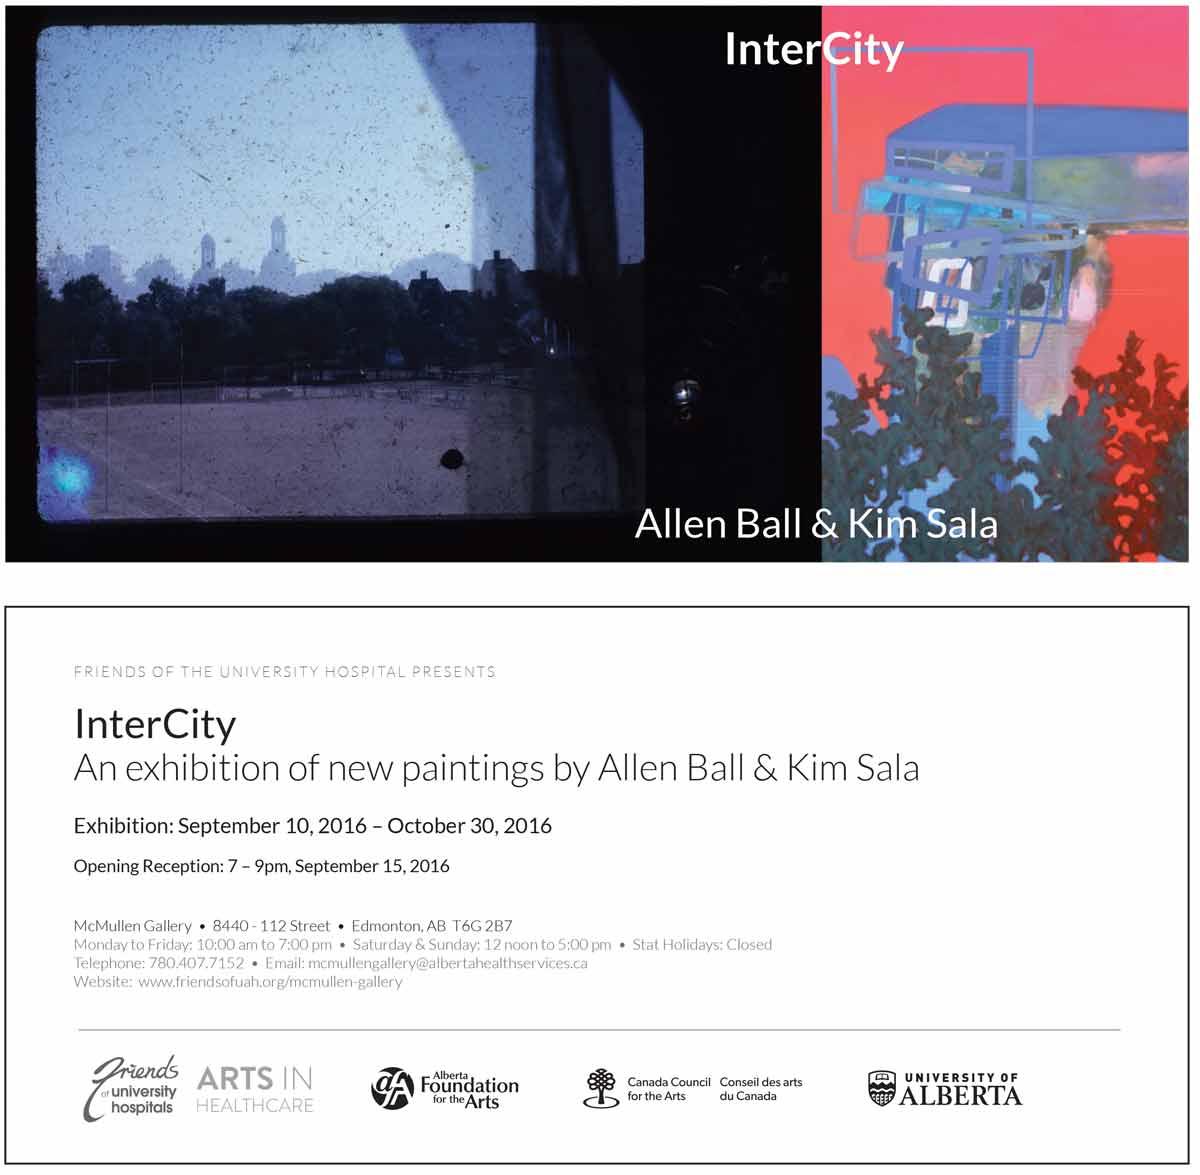 InterCity exhibition